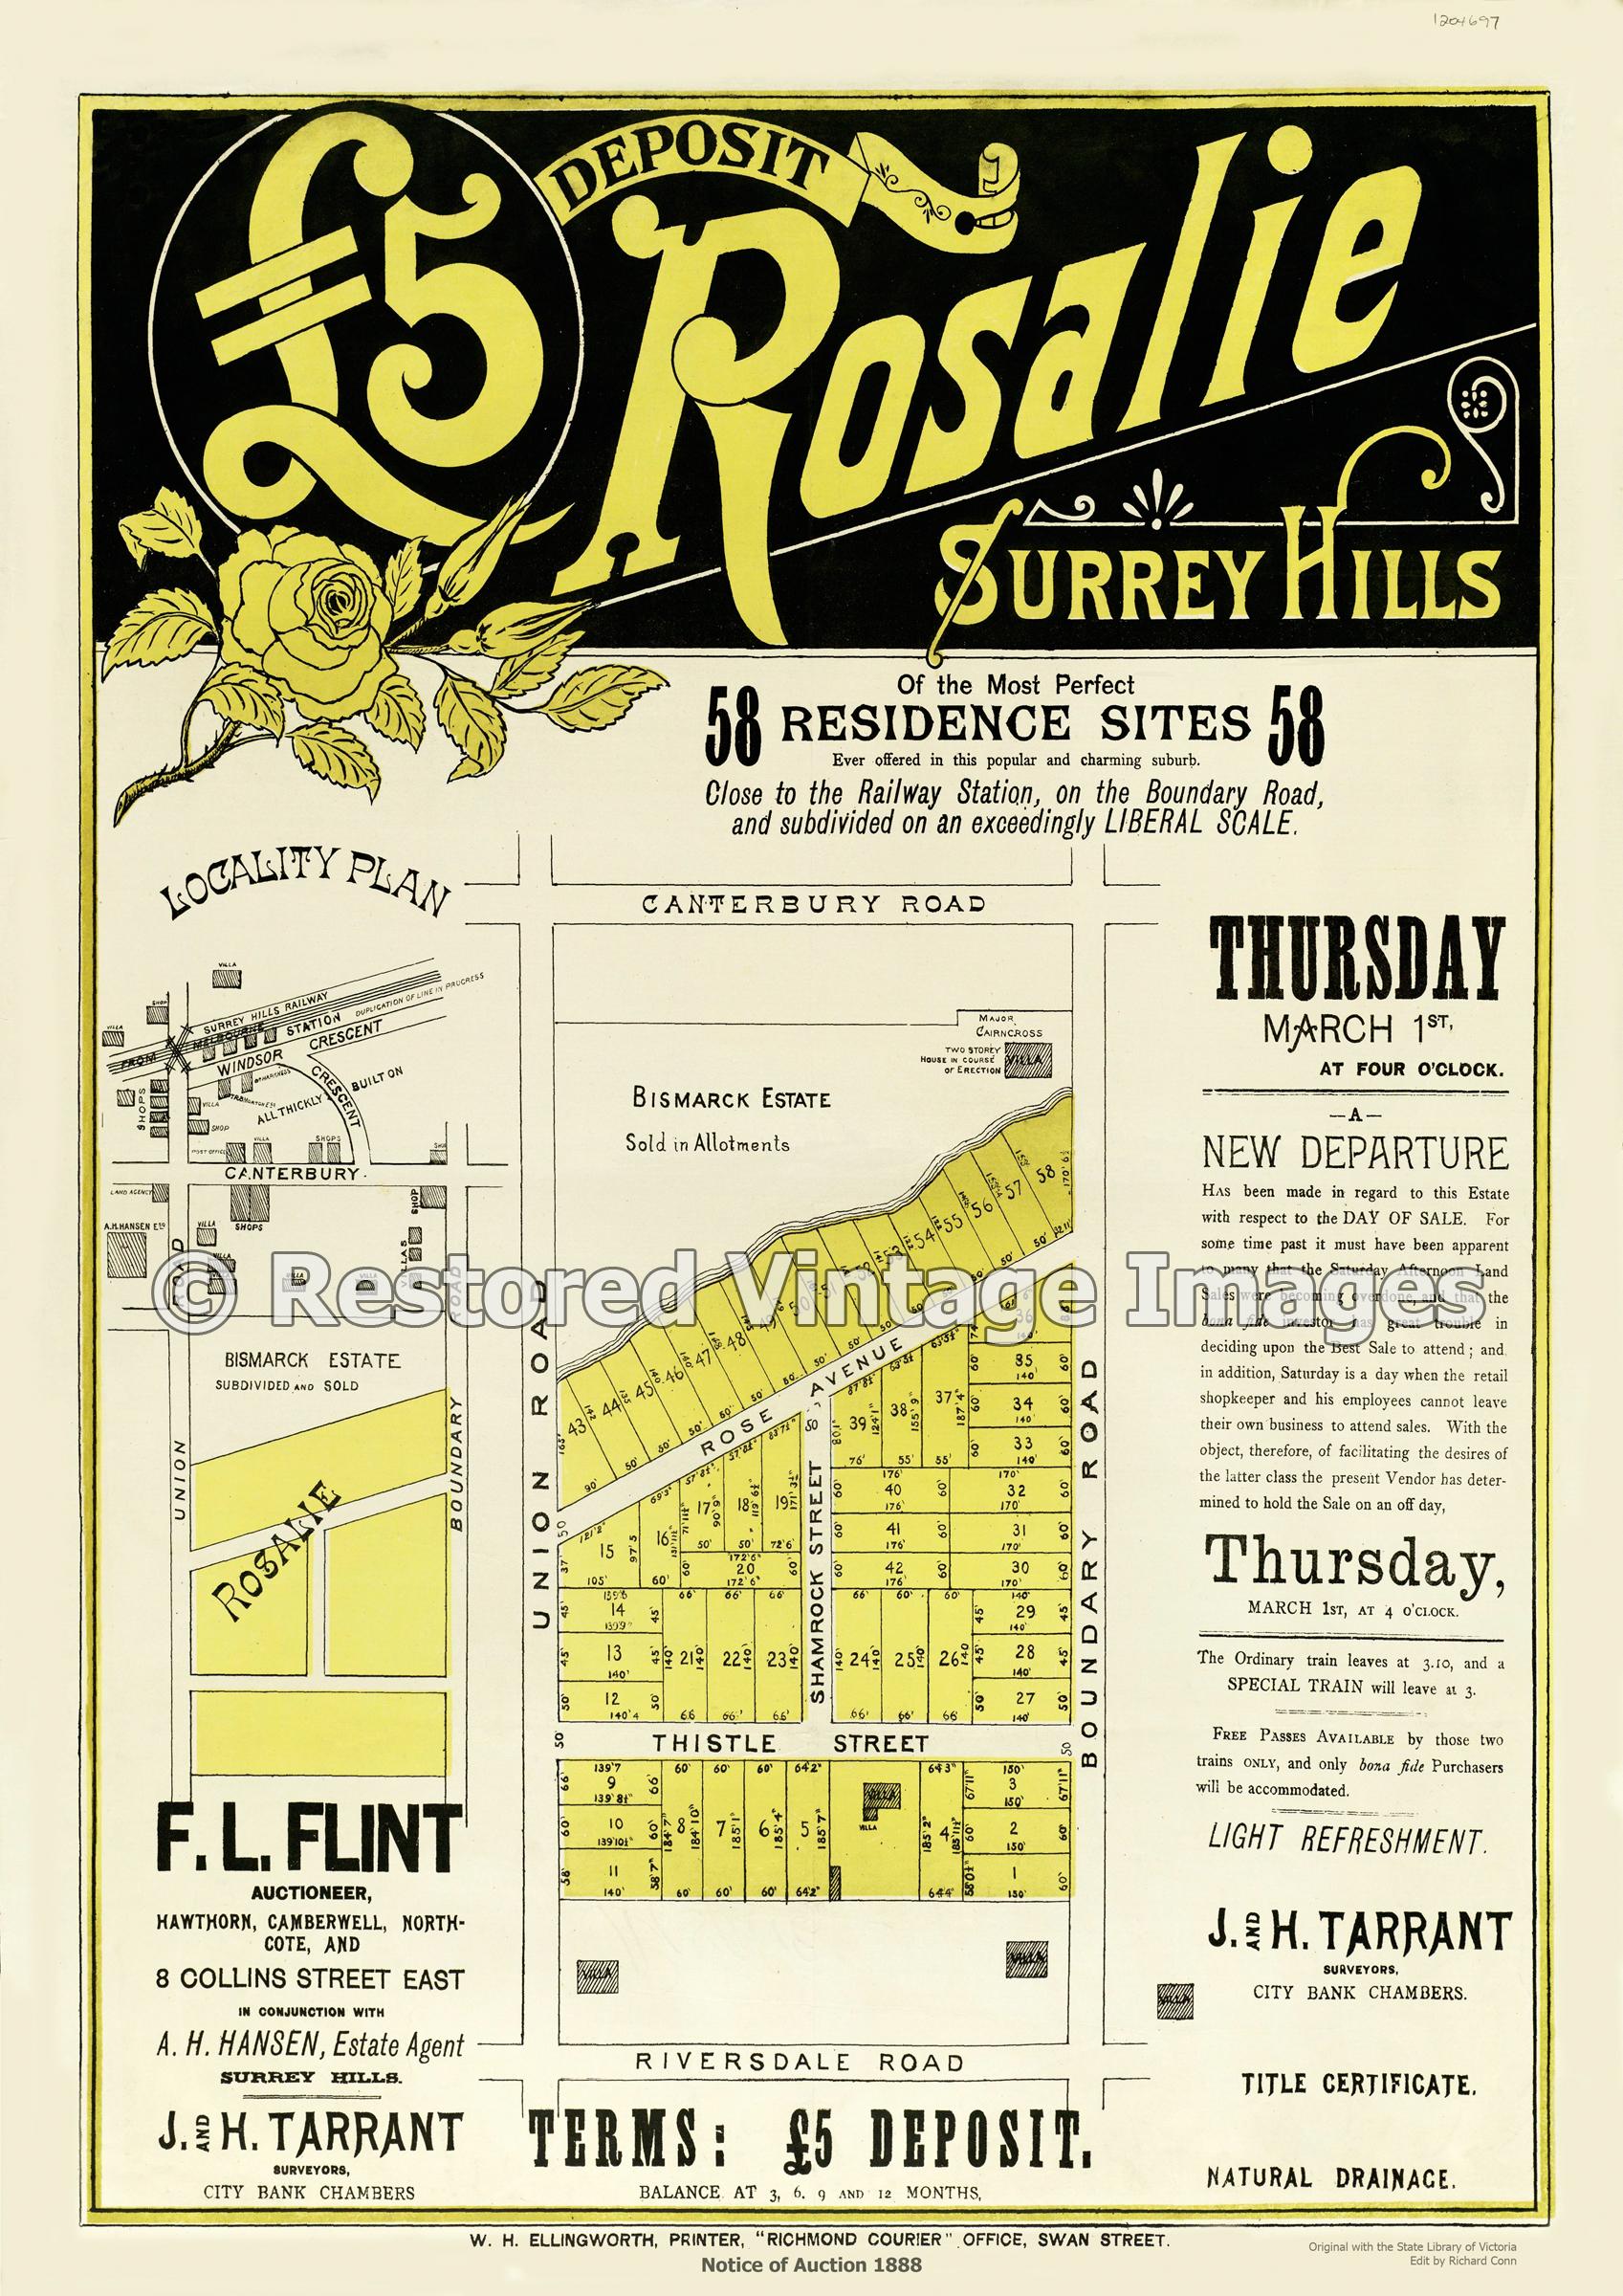 Surrey Hills Auction 1888 – Rosalie Estate